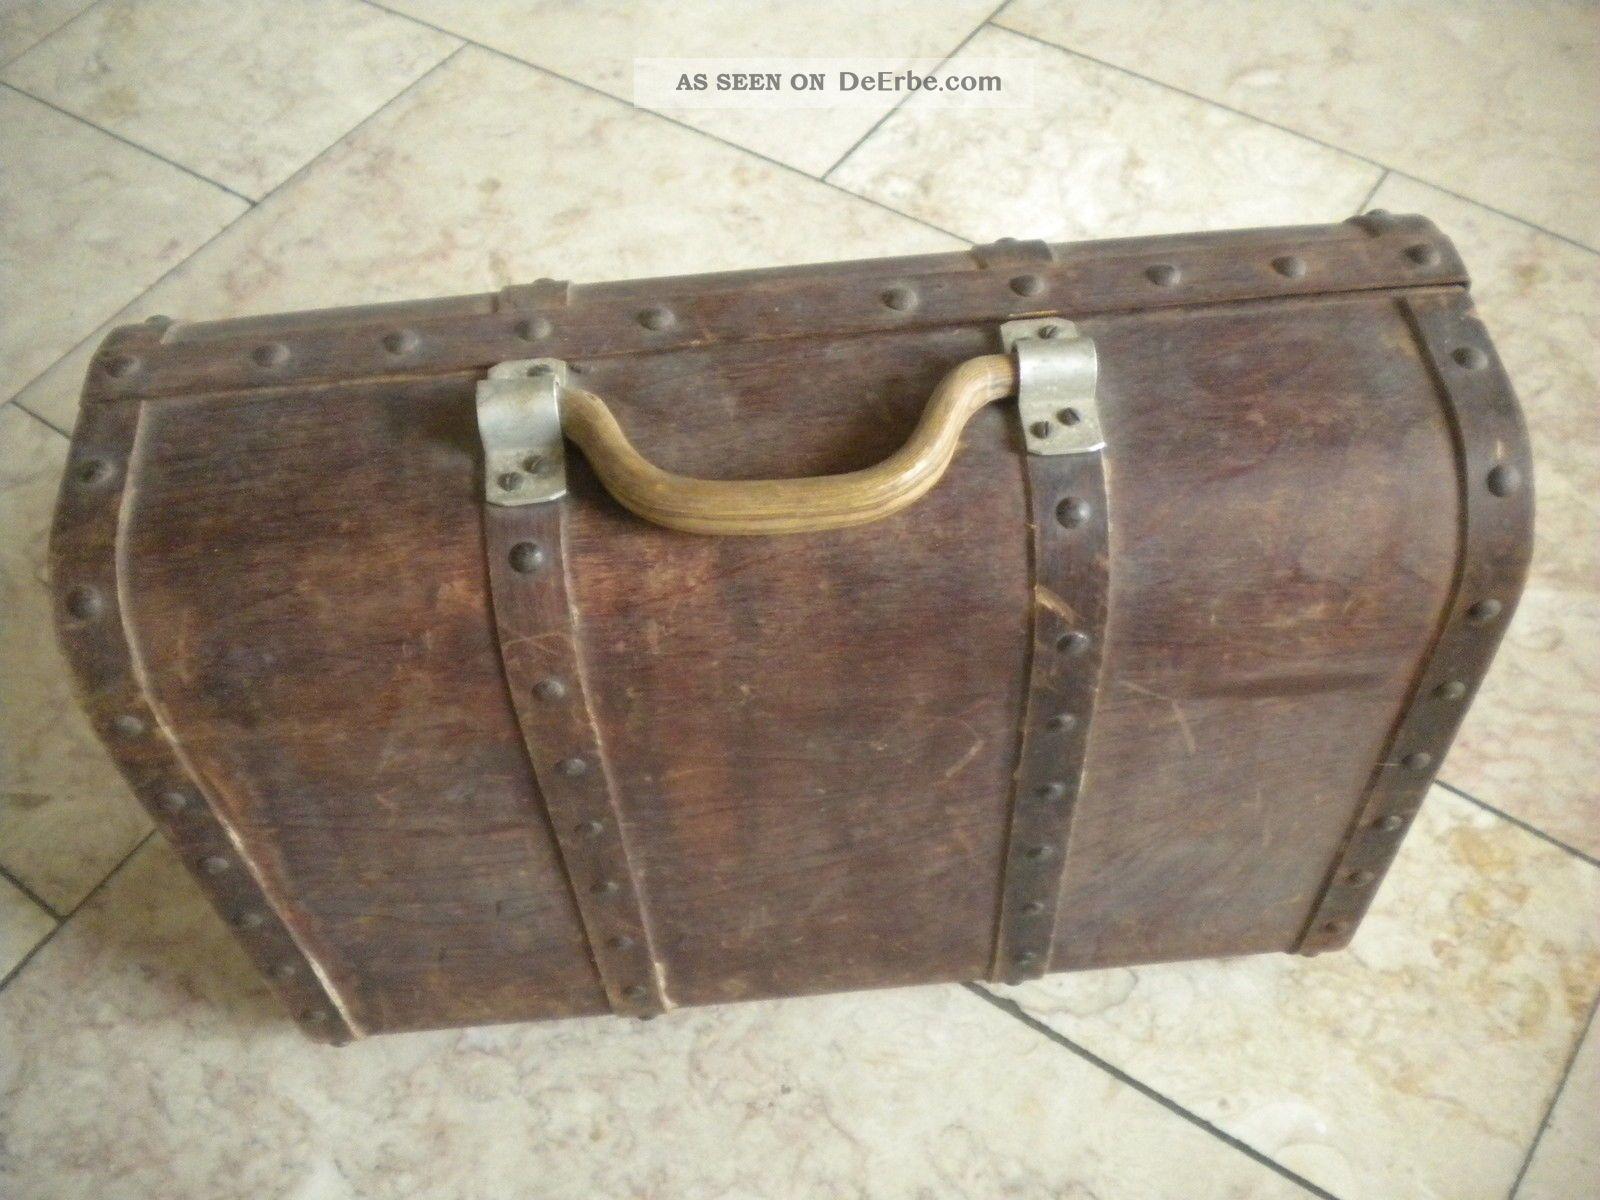 Schöner Koffer Aus Holz Mit Nieten,  Kiste,  Holzkiste,  Ungewöhnlich,  Antik,  Alt Accessoires Bild